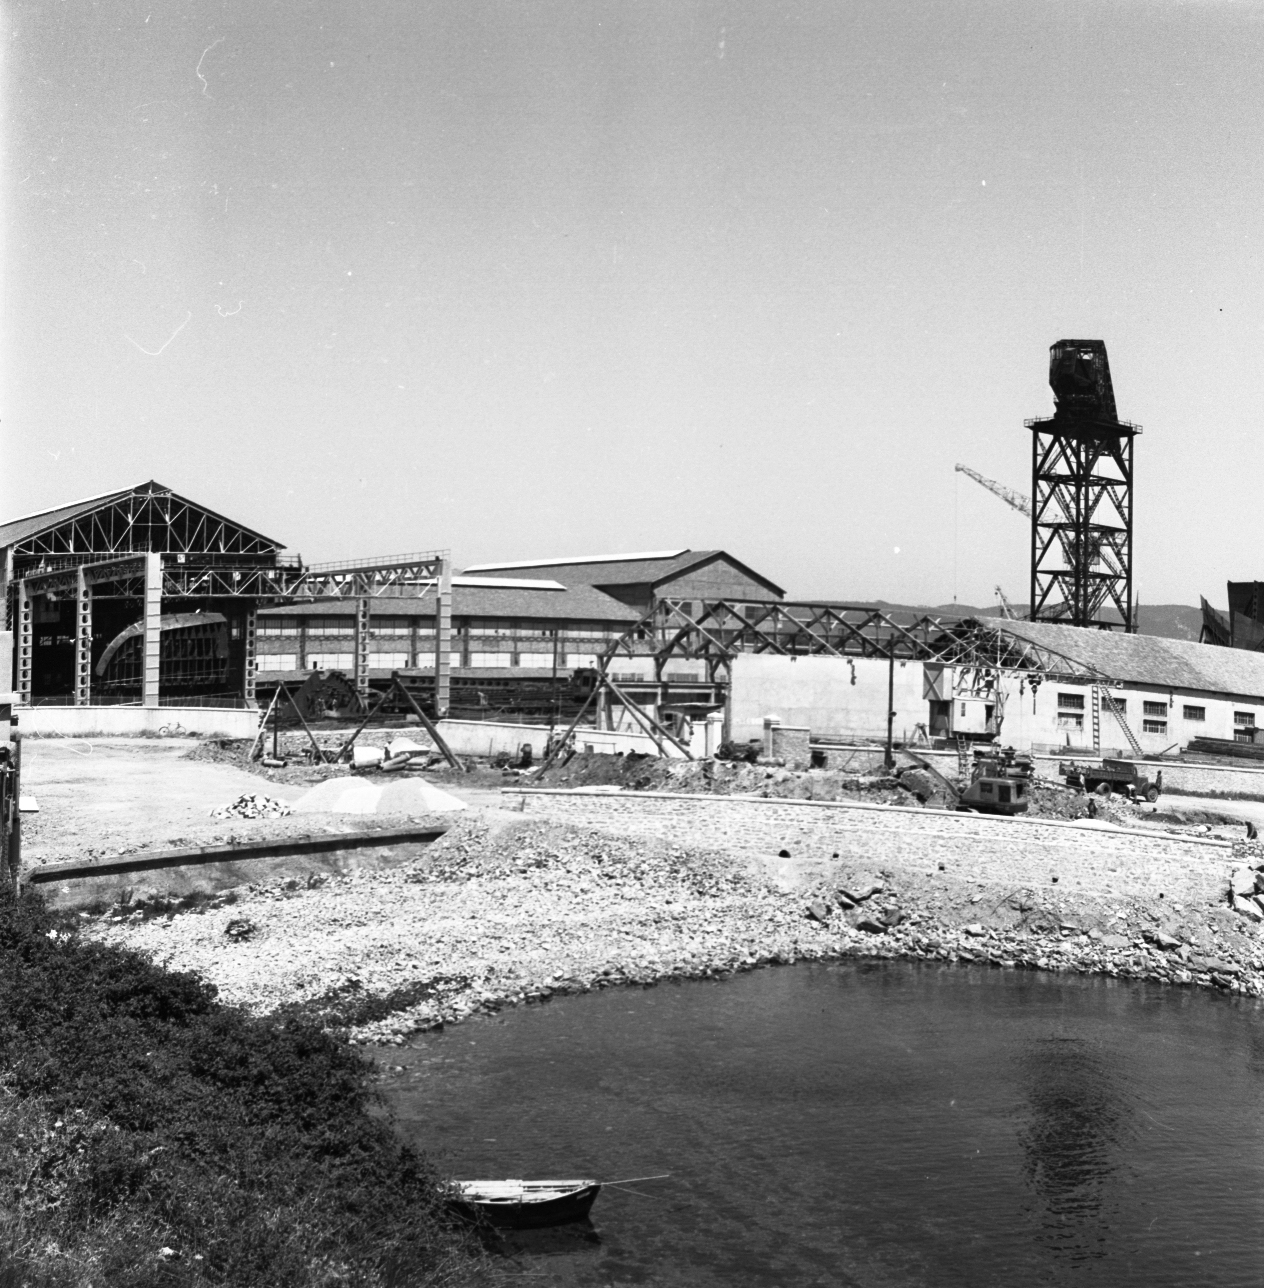 42 Fi 273 Suite des travaux d'aménagement de l'anse du Pré. Le parquet de soudure de la nef de préfabrication n'existe pas encore. 26/07/1953